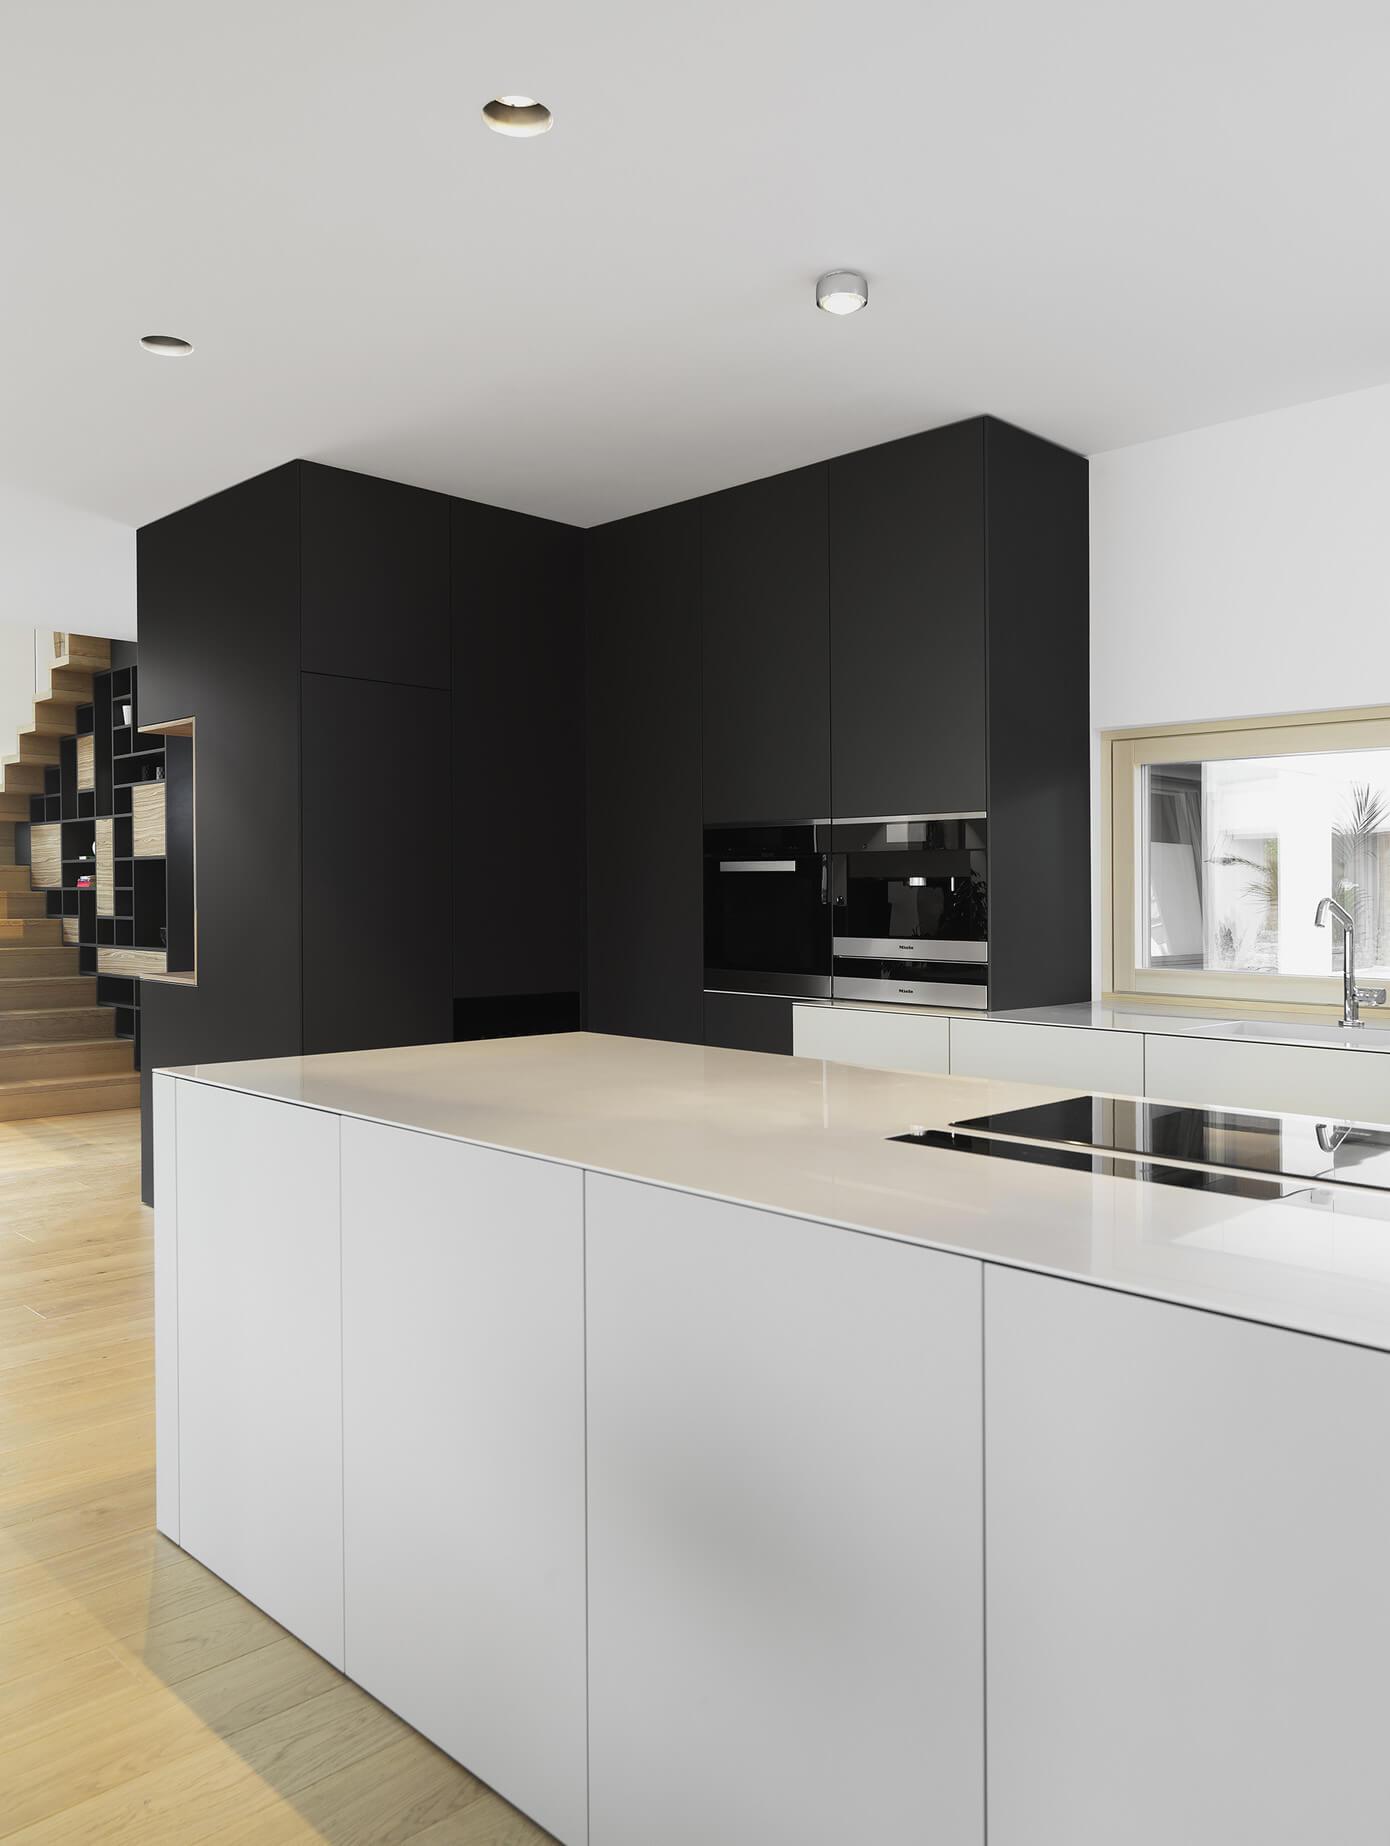 Diseño-de-cocina-moderna-color-blanco-y-negro - Constructora Paramount